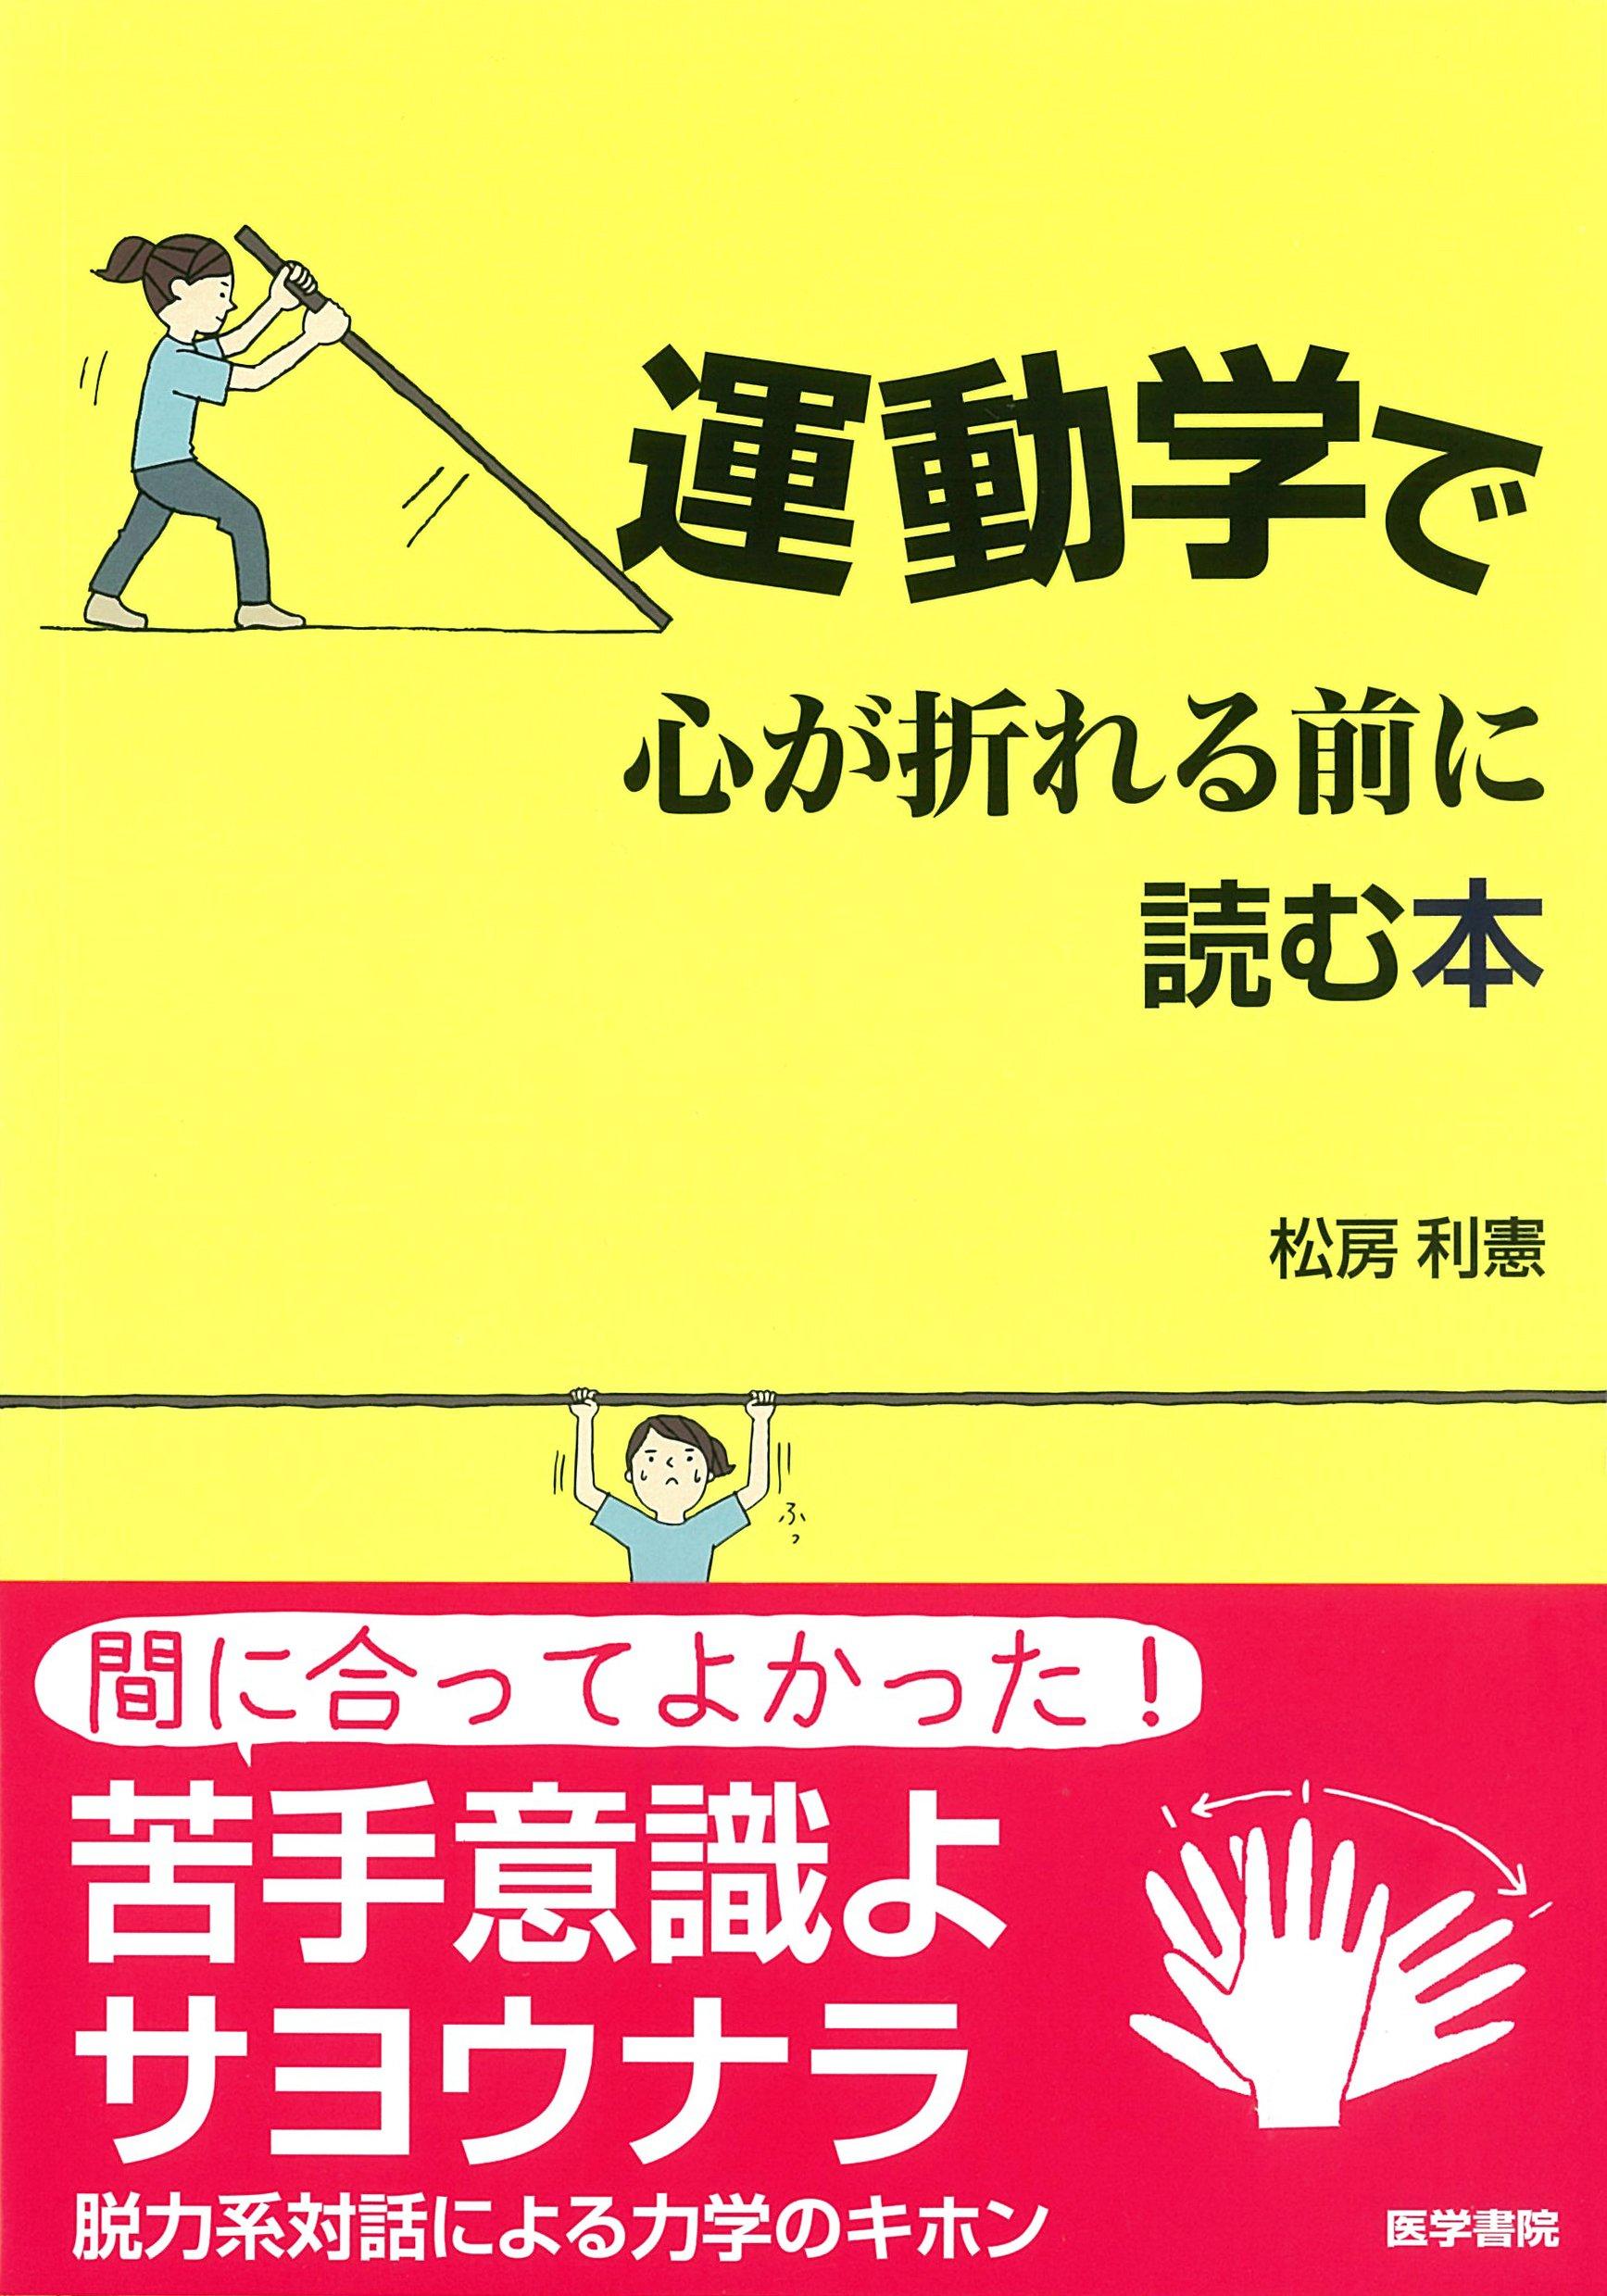 運動学で心が折れる前に読む本  ...